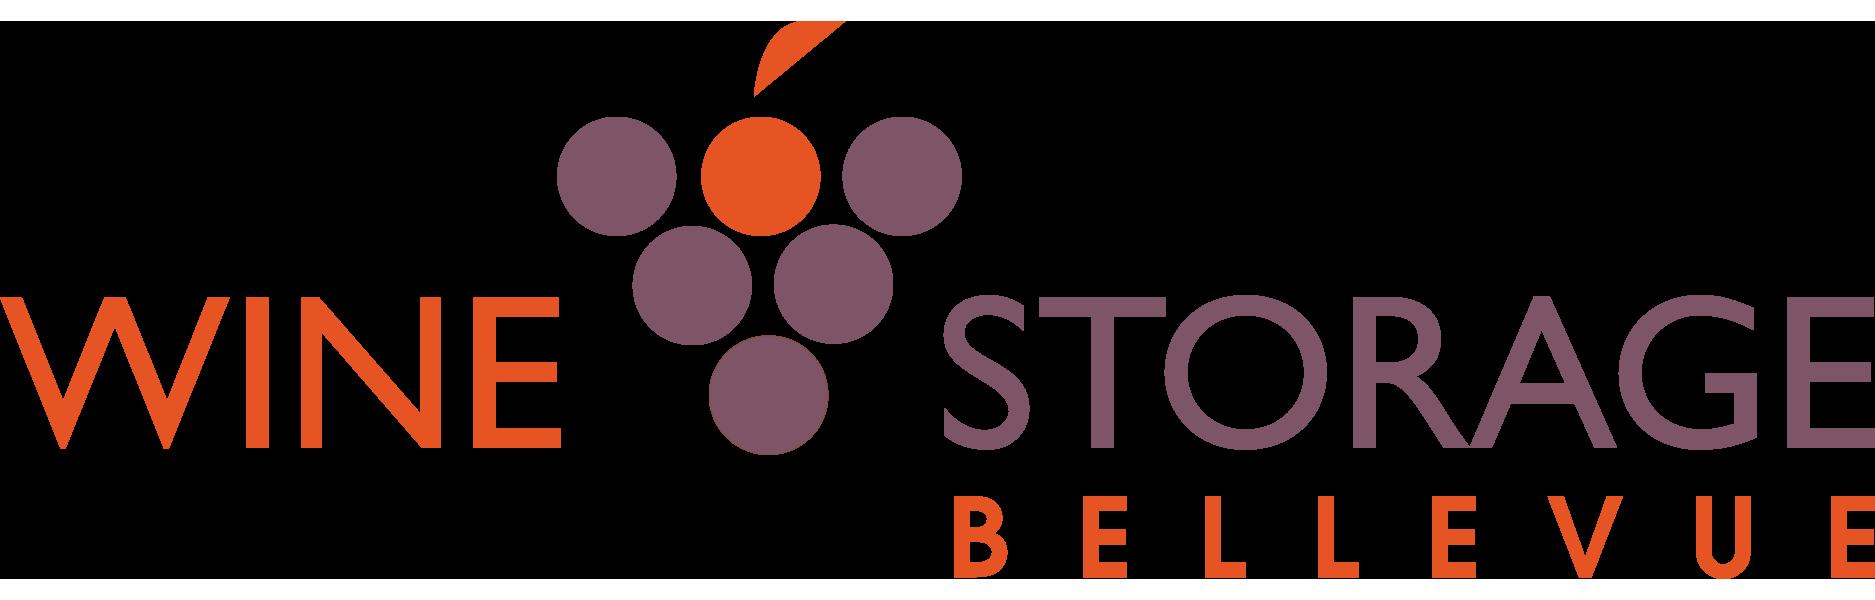 logo_wine_storage_bellevue_updated_color